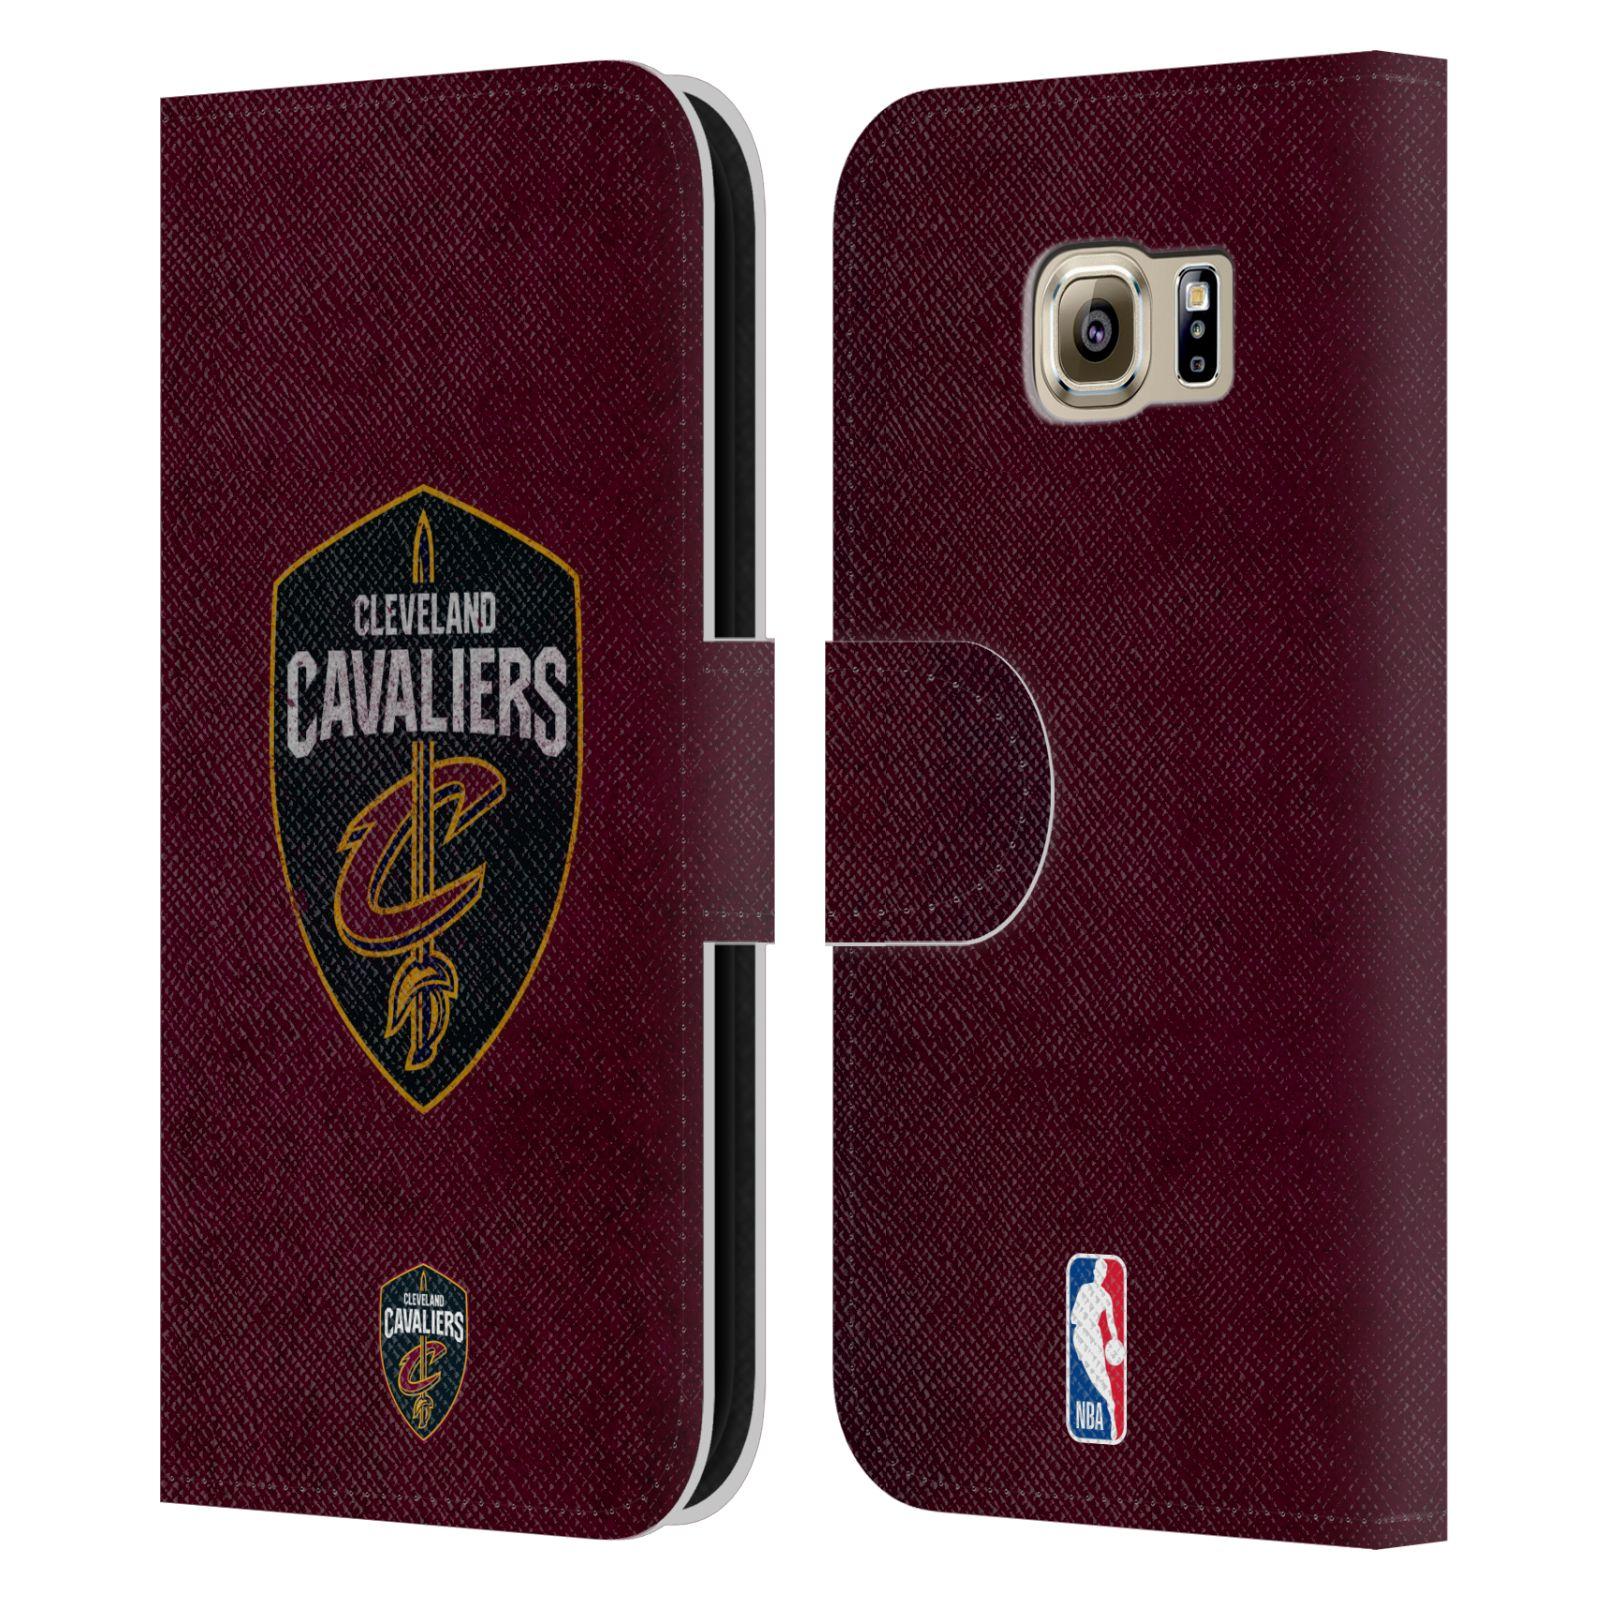 UFFICIALE-NBA-CLEVELAND-CAVALIERS-COVER-A-PORTAFOGLIO-PER-SAMSUNG-TELEFONI-1